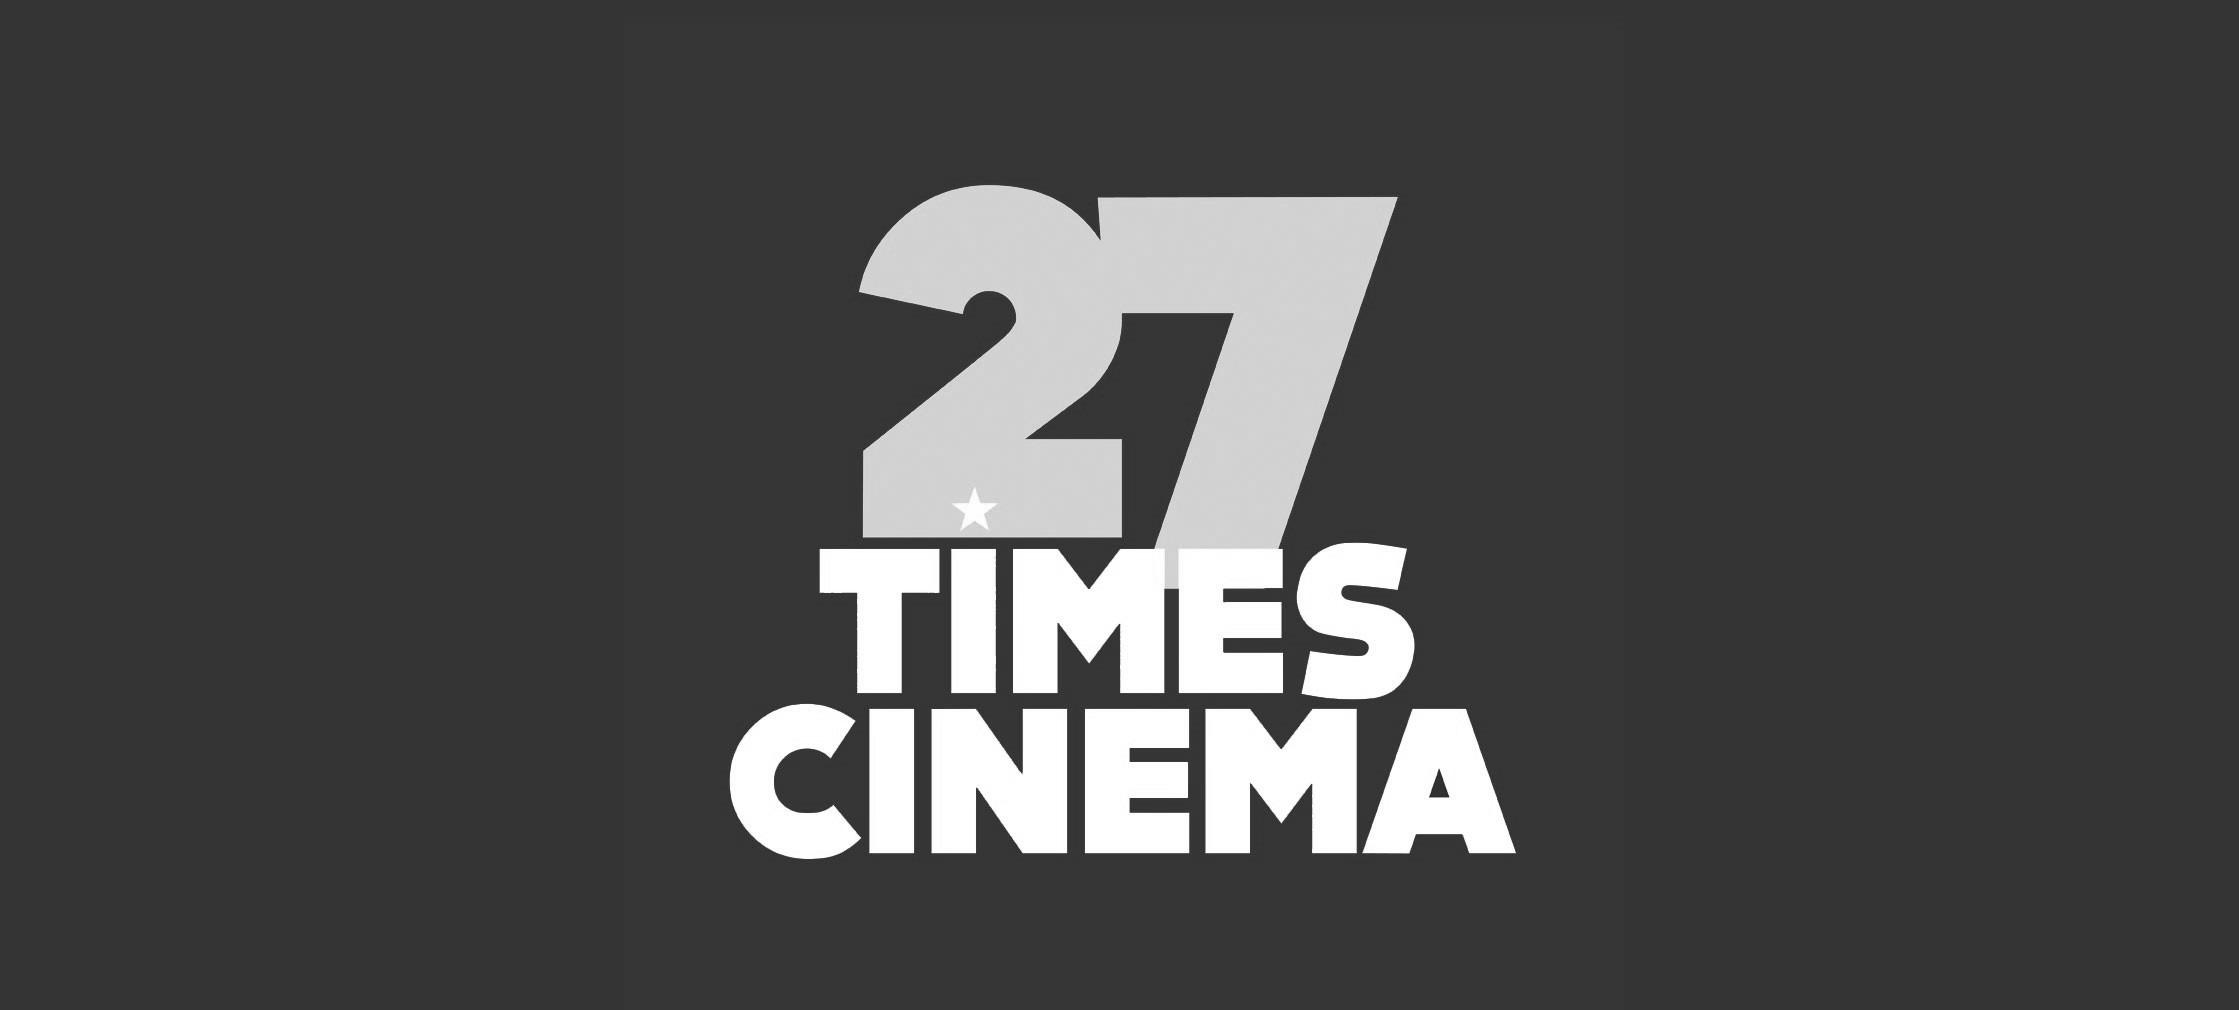 27 Times Cinéma